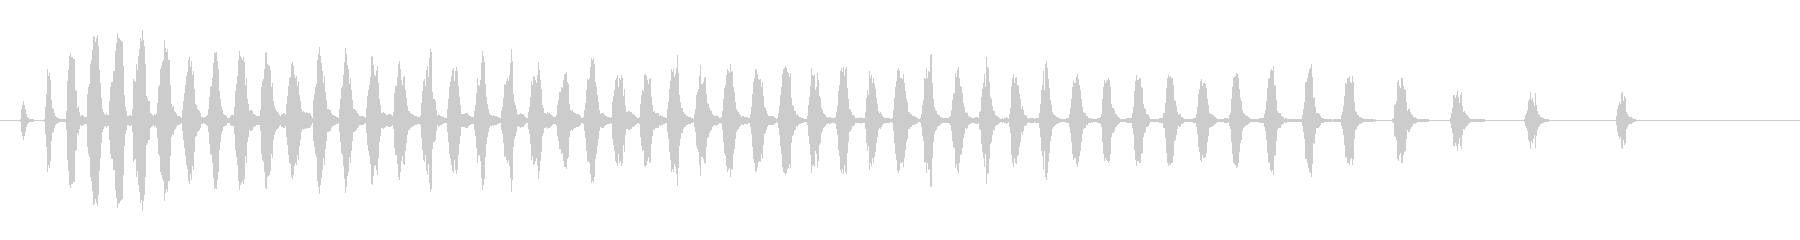 セミ ひぐらし カナカナカナ 単体_2の未再生の波形